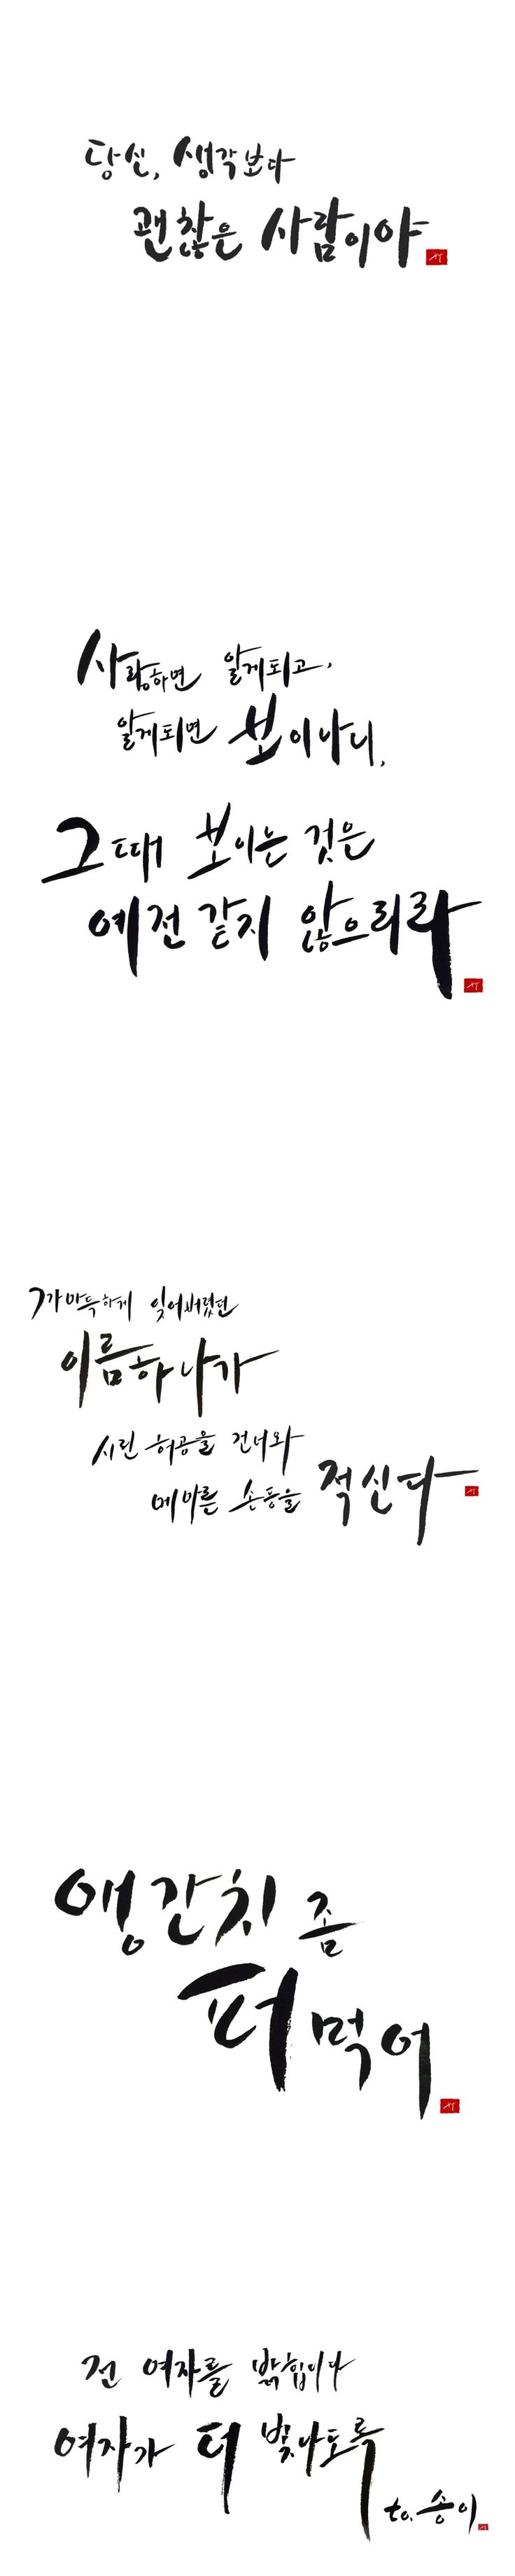 박광원님 대학생이 만든 위트넘치는 캘리그라피 확인하세요~! > > http://me2.do/x5HFW9oW